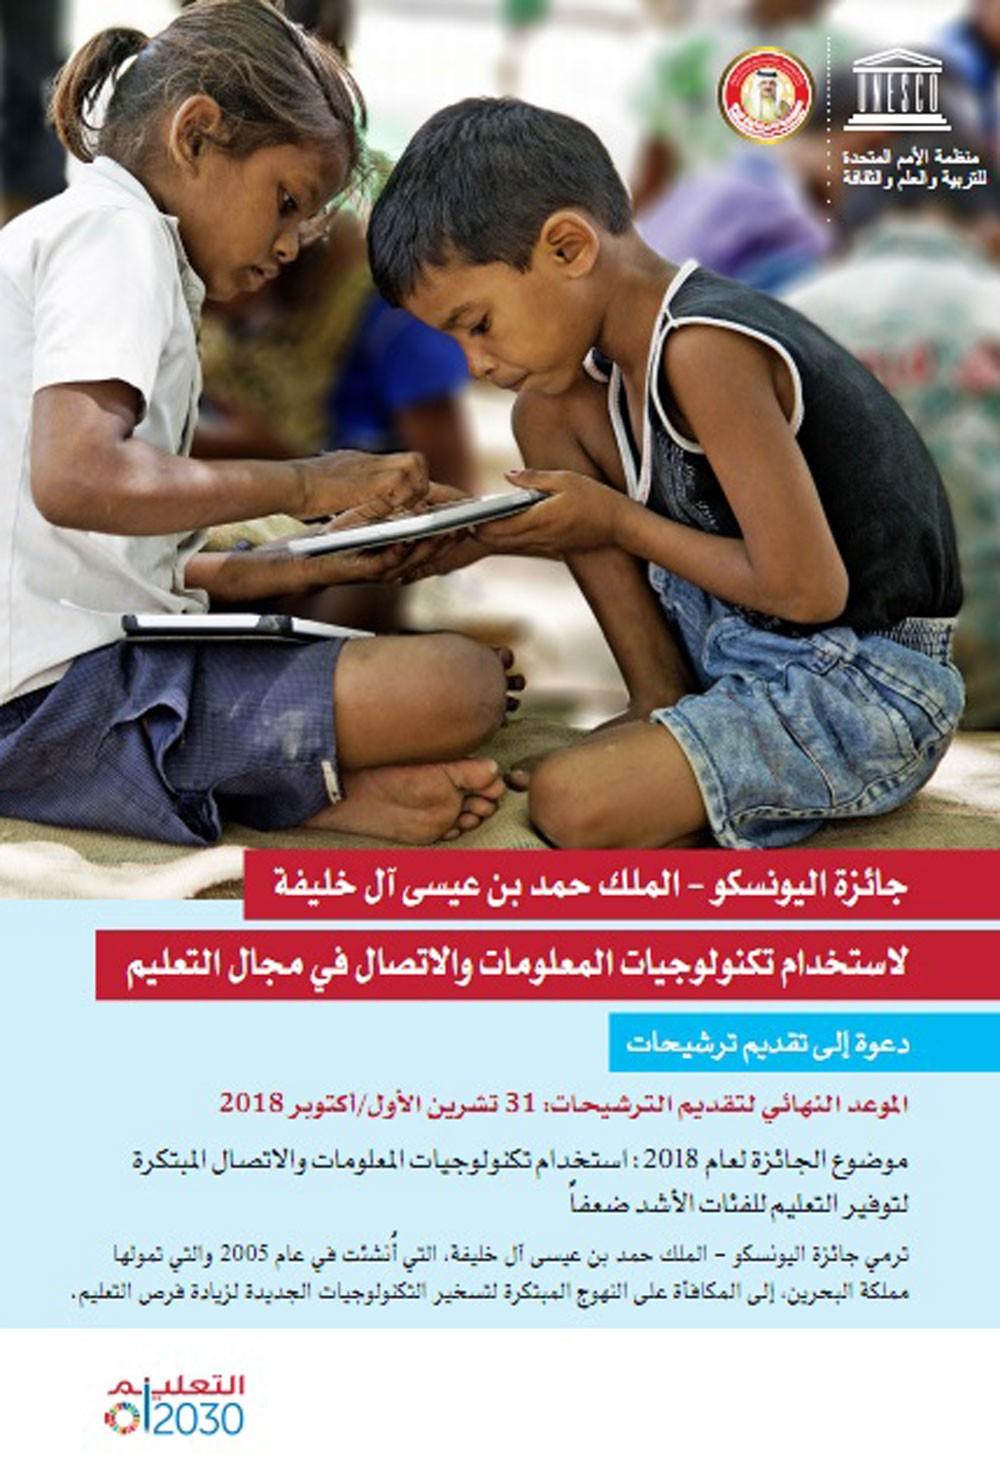 اليونسكو تواصل تلقي طلبات الترشيح لجائزة الملك حمد لتكنولوجيا التعليم